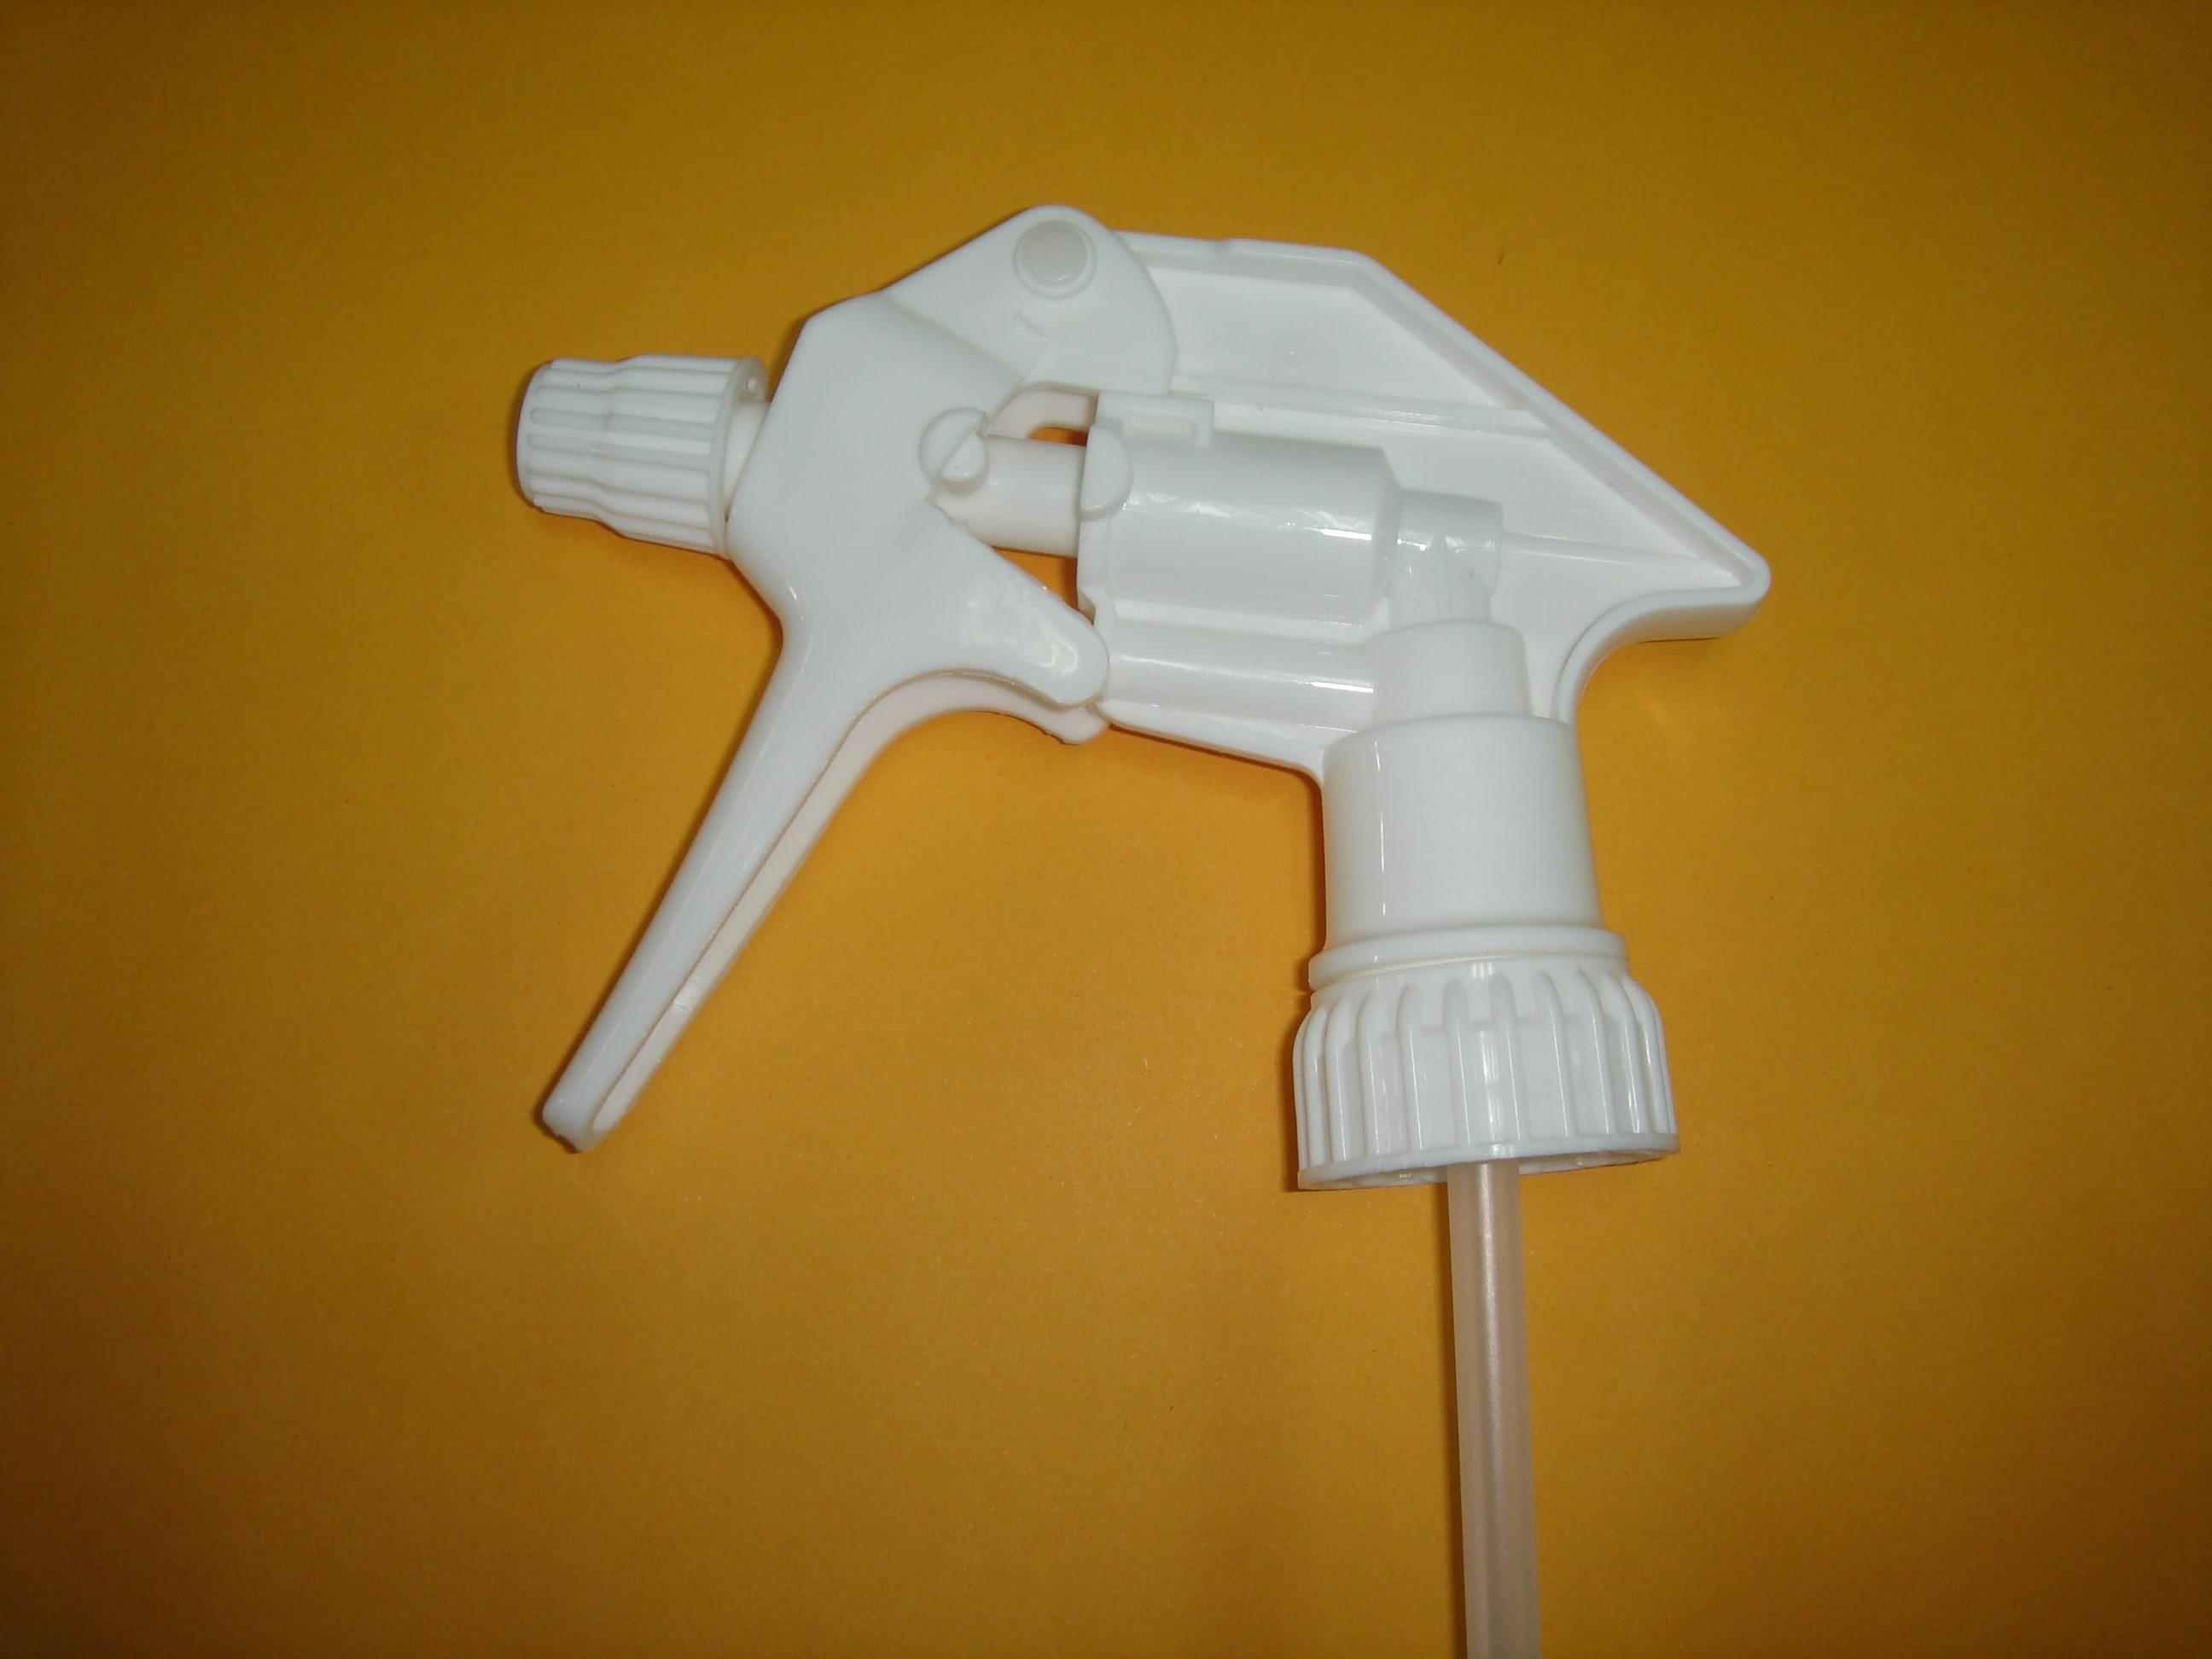 triggerhead minijet